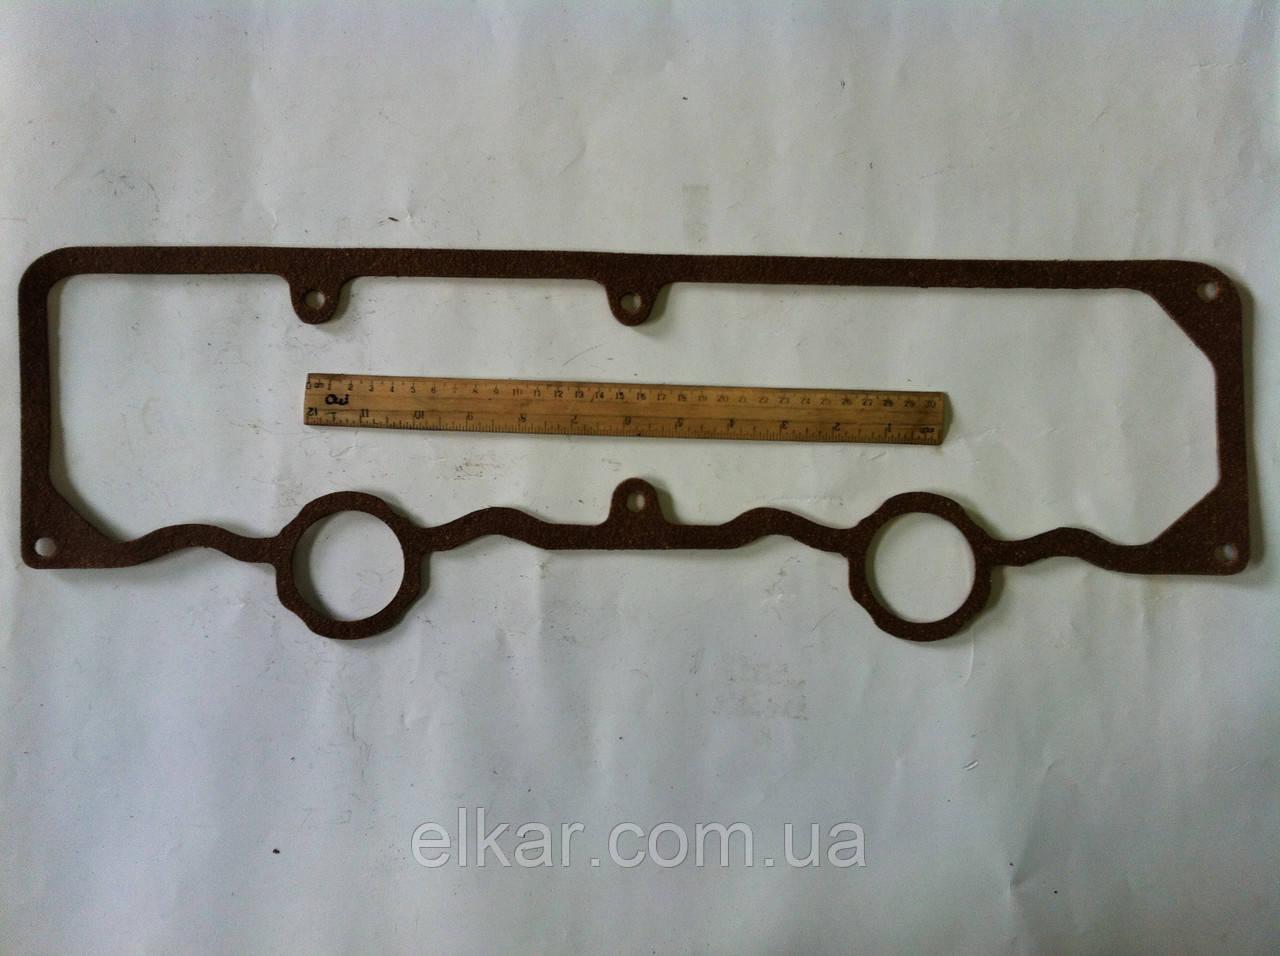 Прокладка кришки клапанів середня   50-1003108 (Україна)